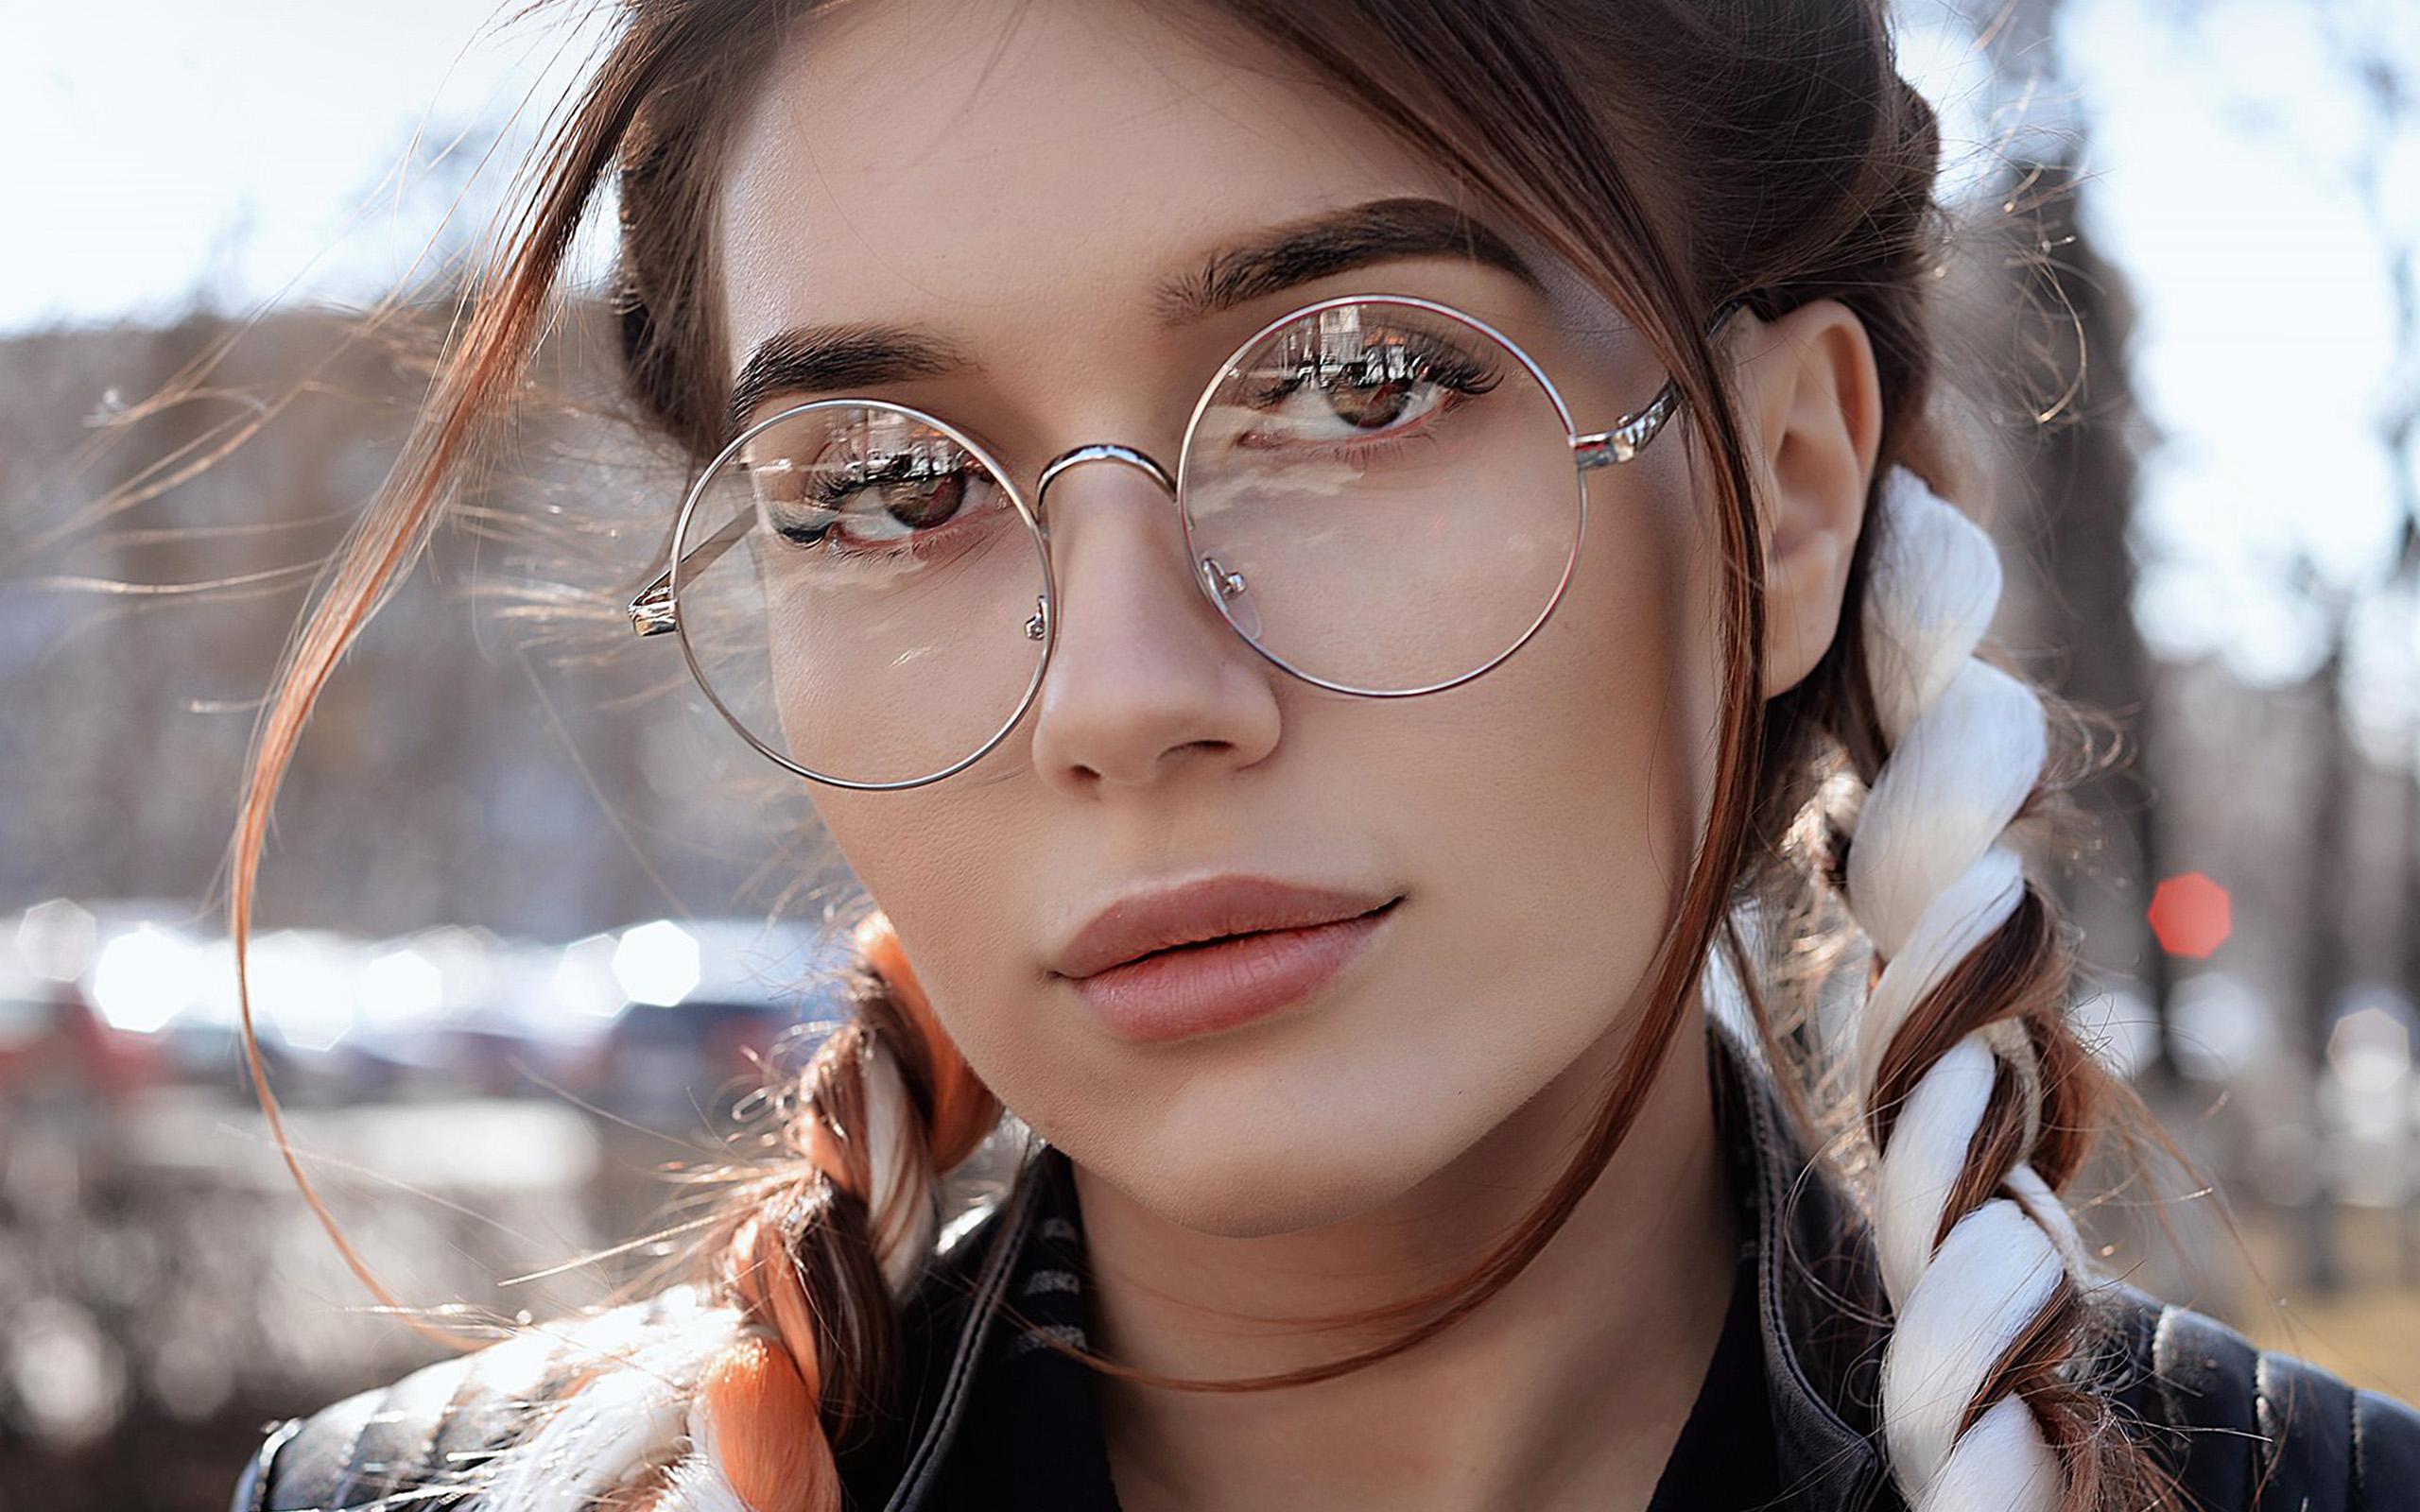 Beautiful Simple Girl Wallpaper Hp49 Dua Lipa Girl Glasses Wallpaper